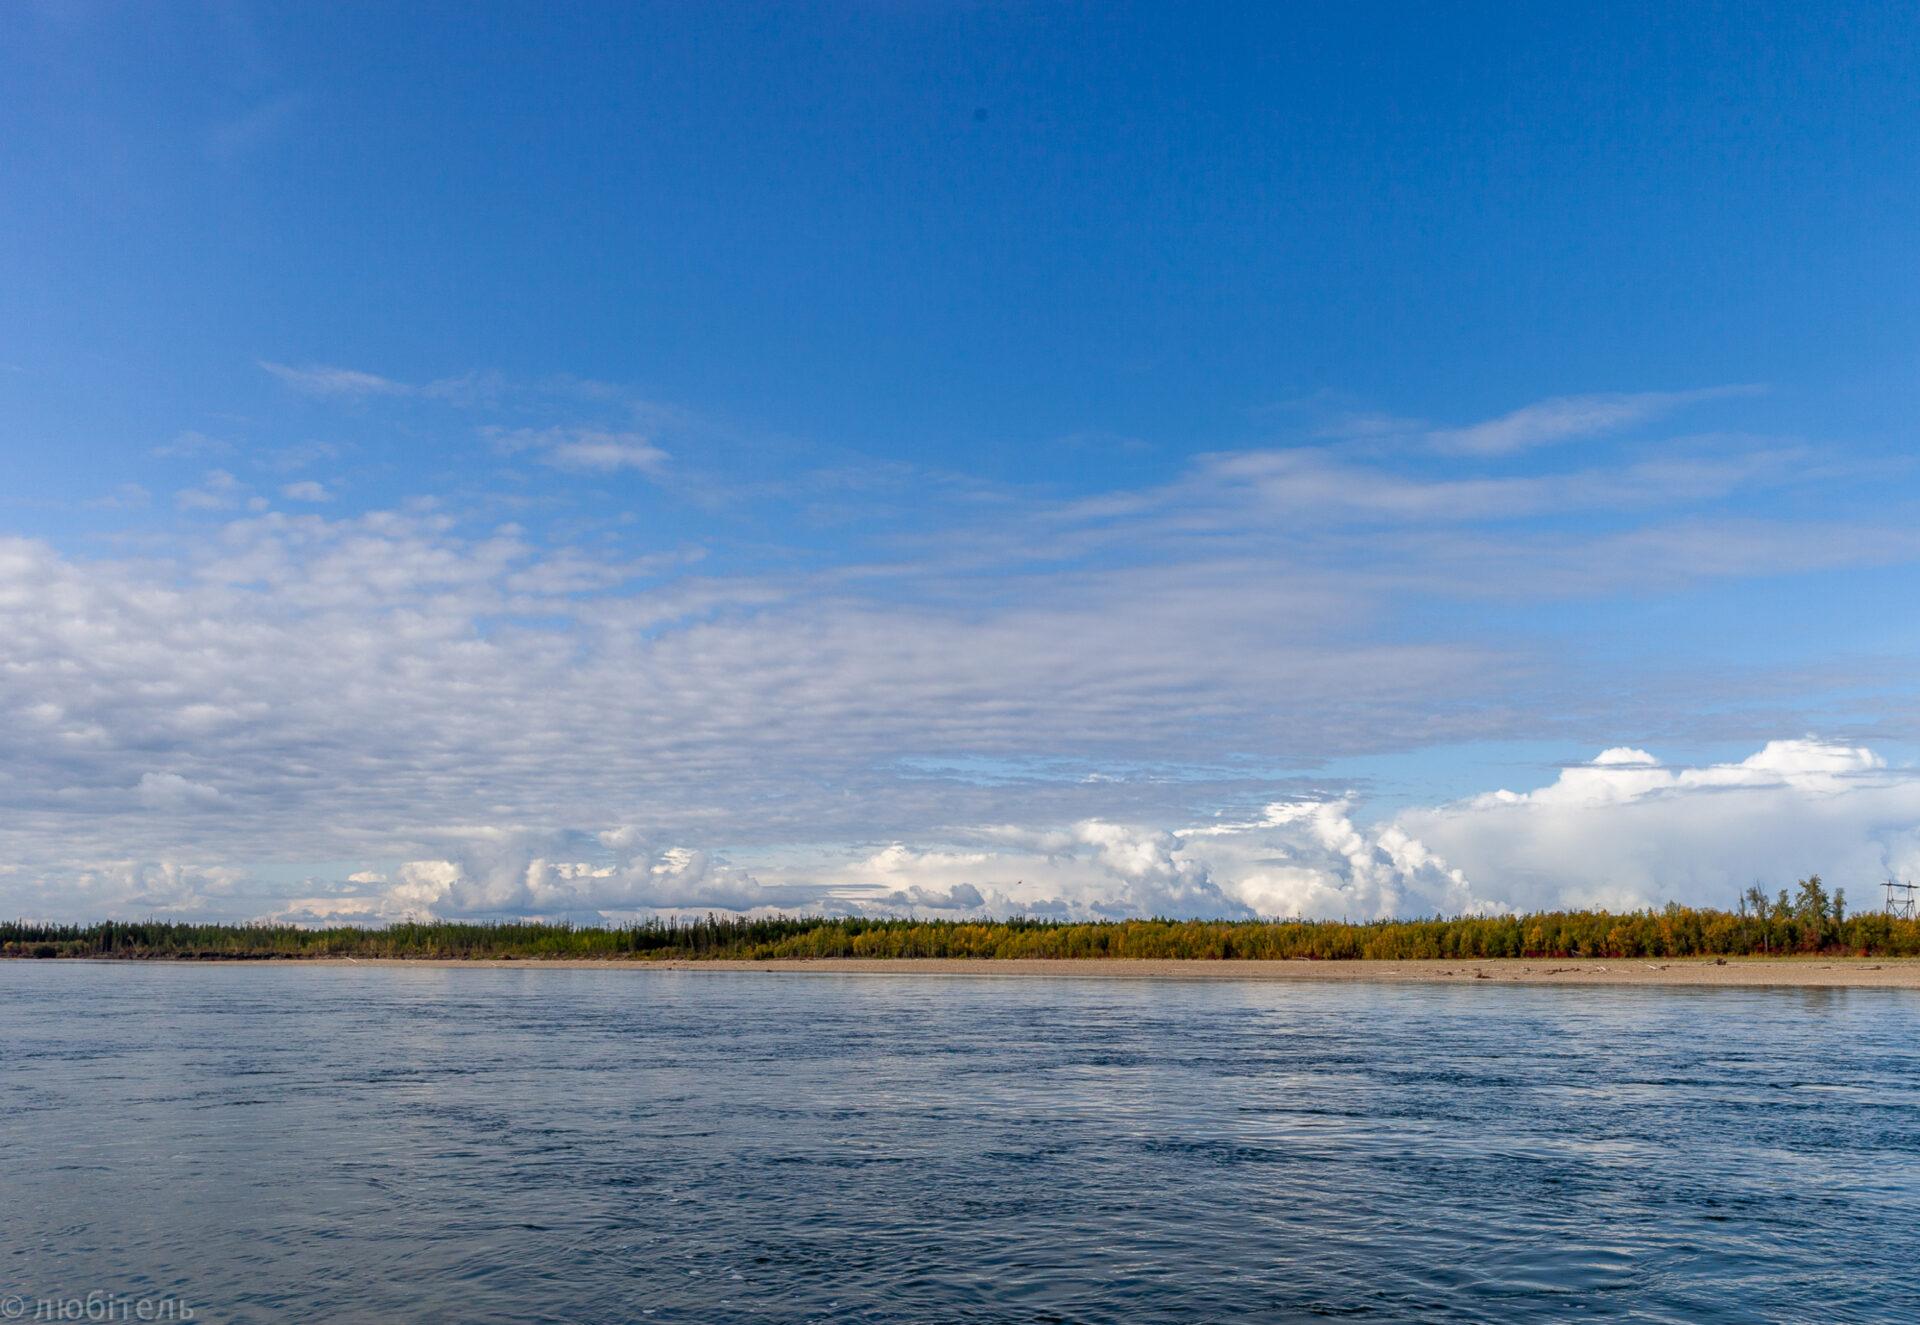 Плыла-качалась лодочка, дапоТомпо-реке. Часть 9